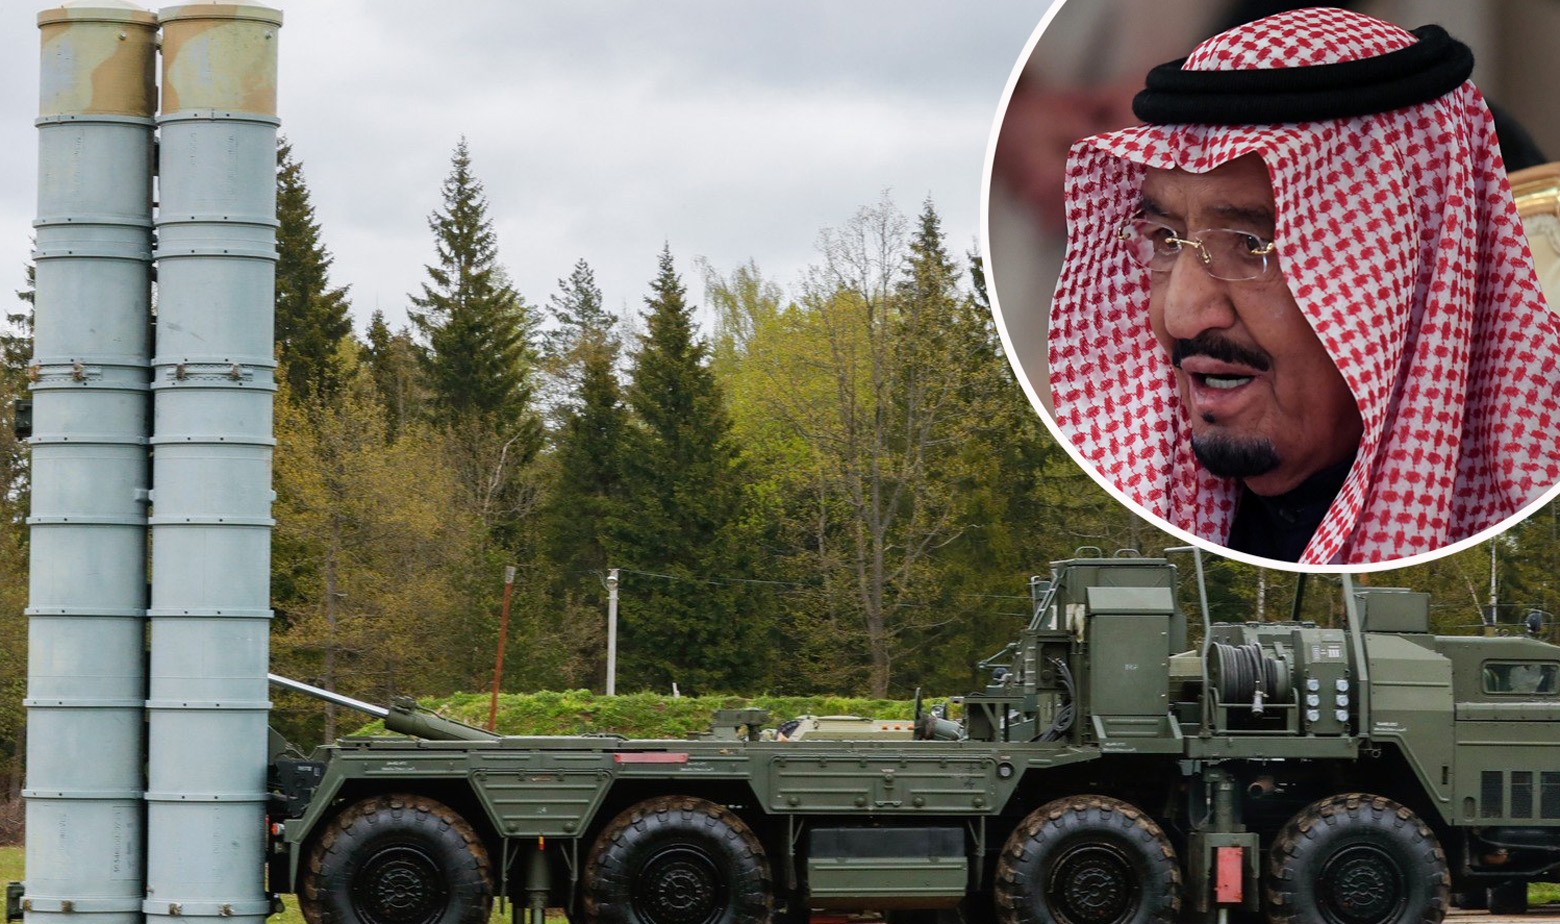 Raketni sustav S-400 i saudijski kralj Salman u krugu